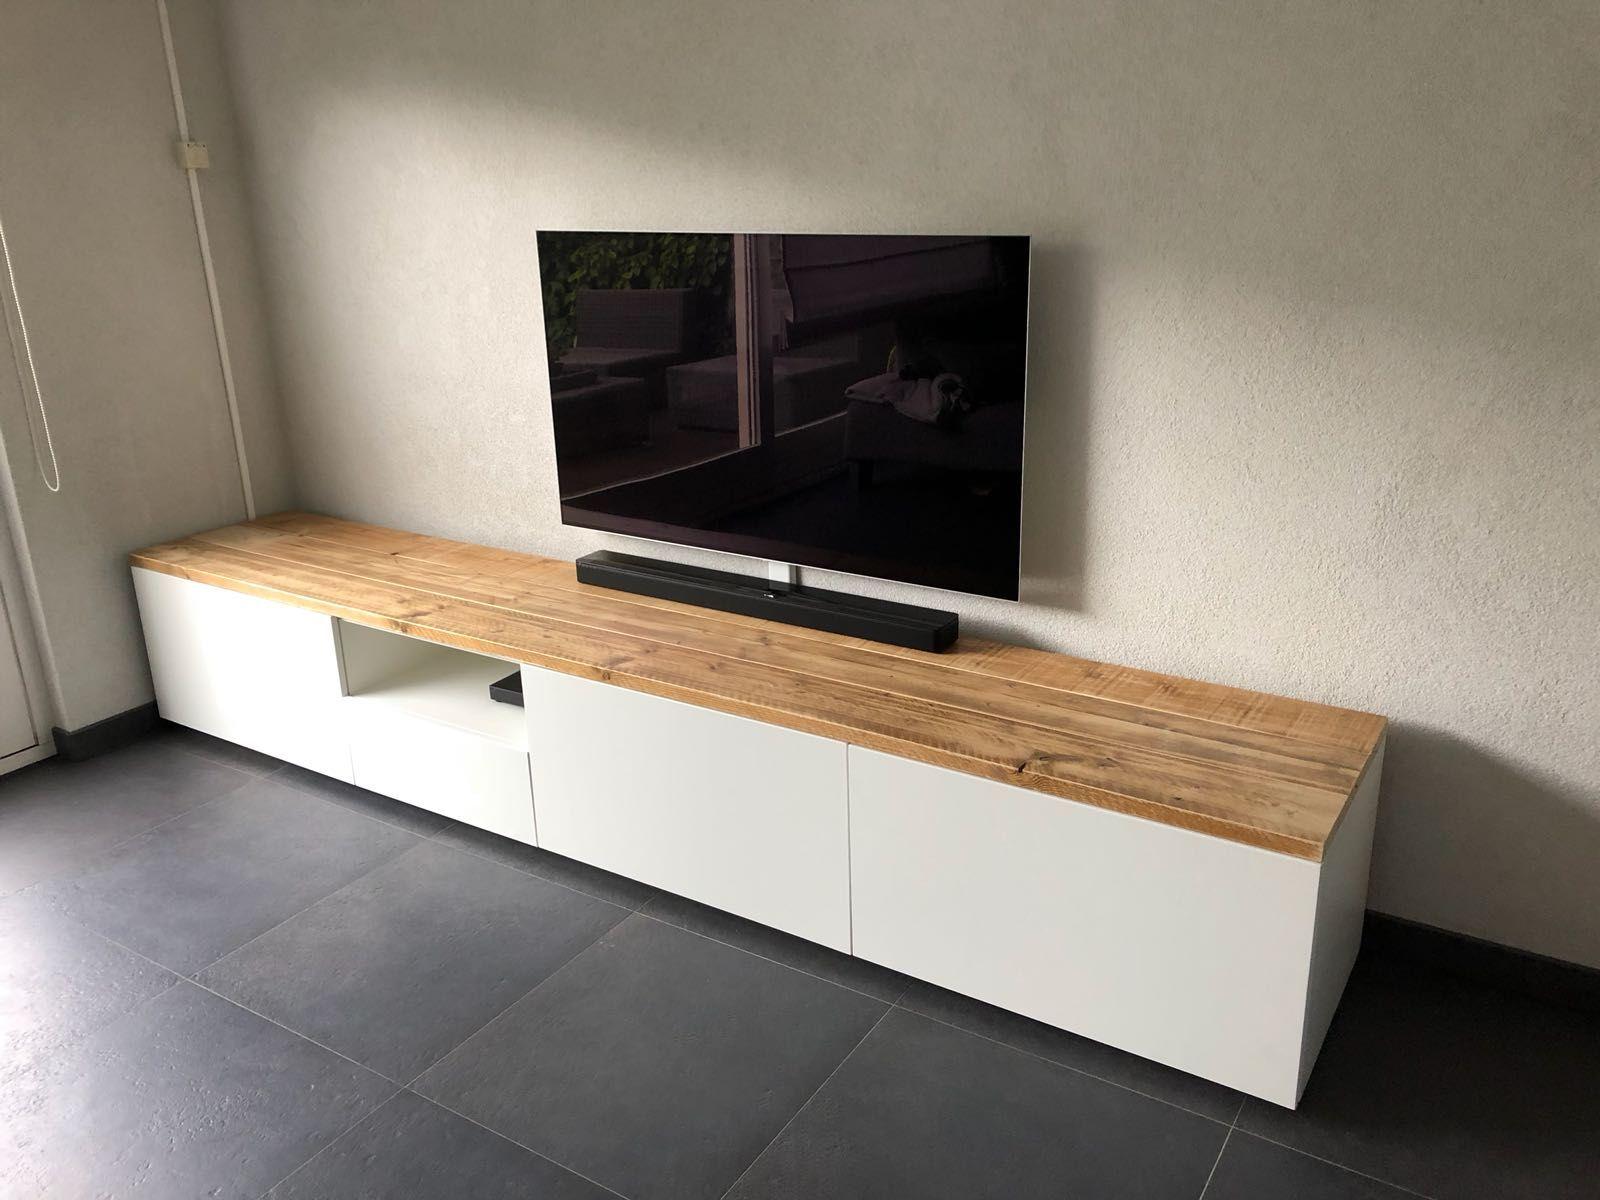 Strak Houten Tv Meubel.Tv Meubel Strak En Modern Met Stoer Hout Op Het Bovenblad Push To